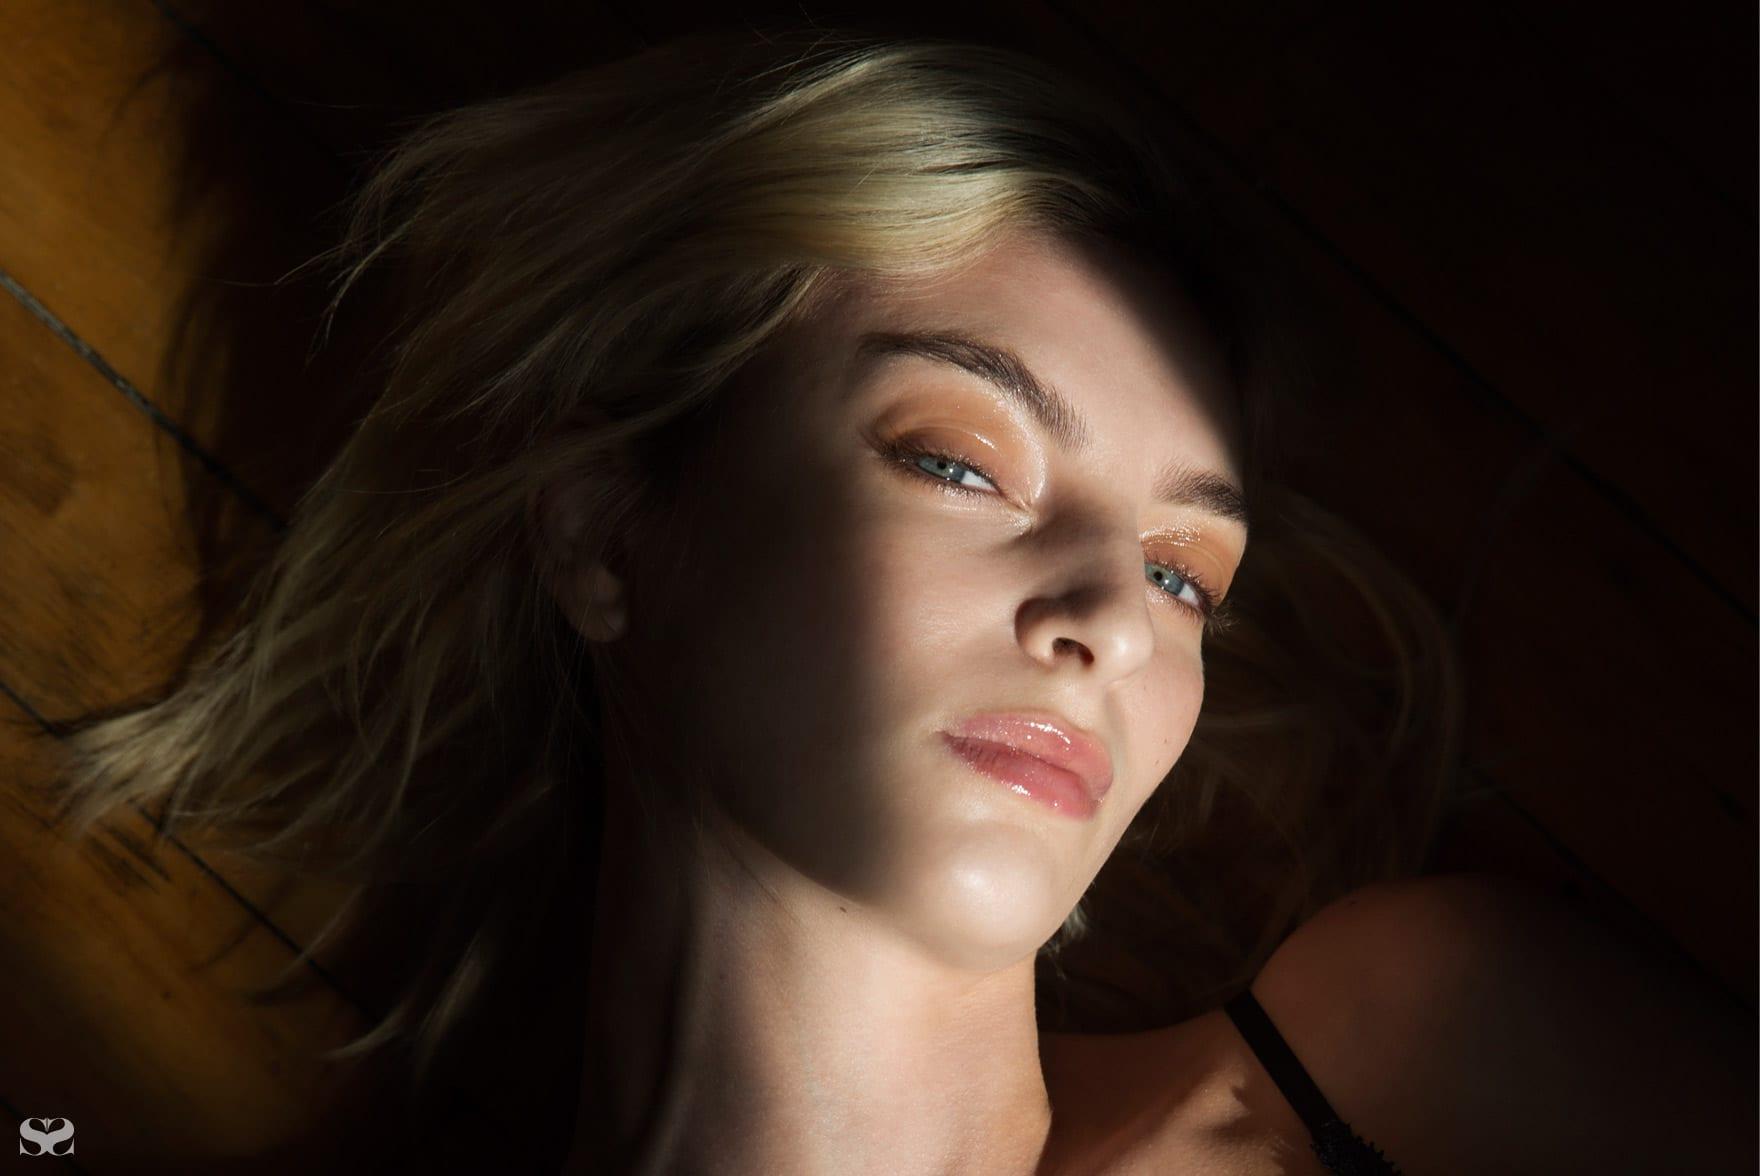 DYN_LARGE_L_Beauty08